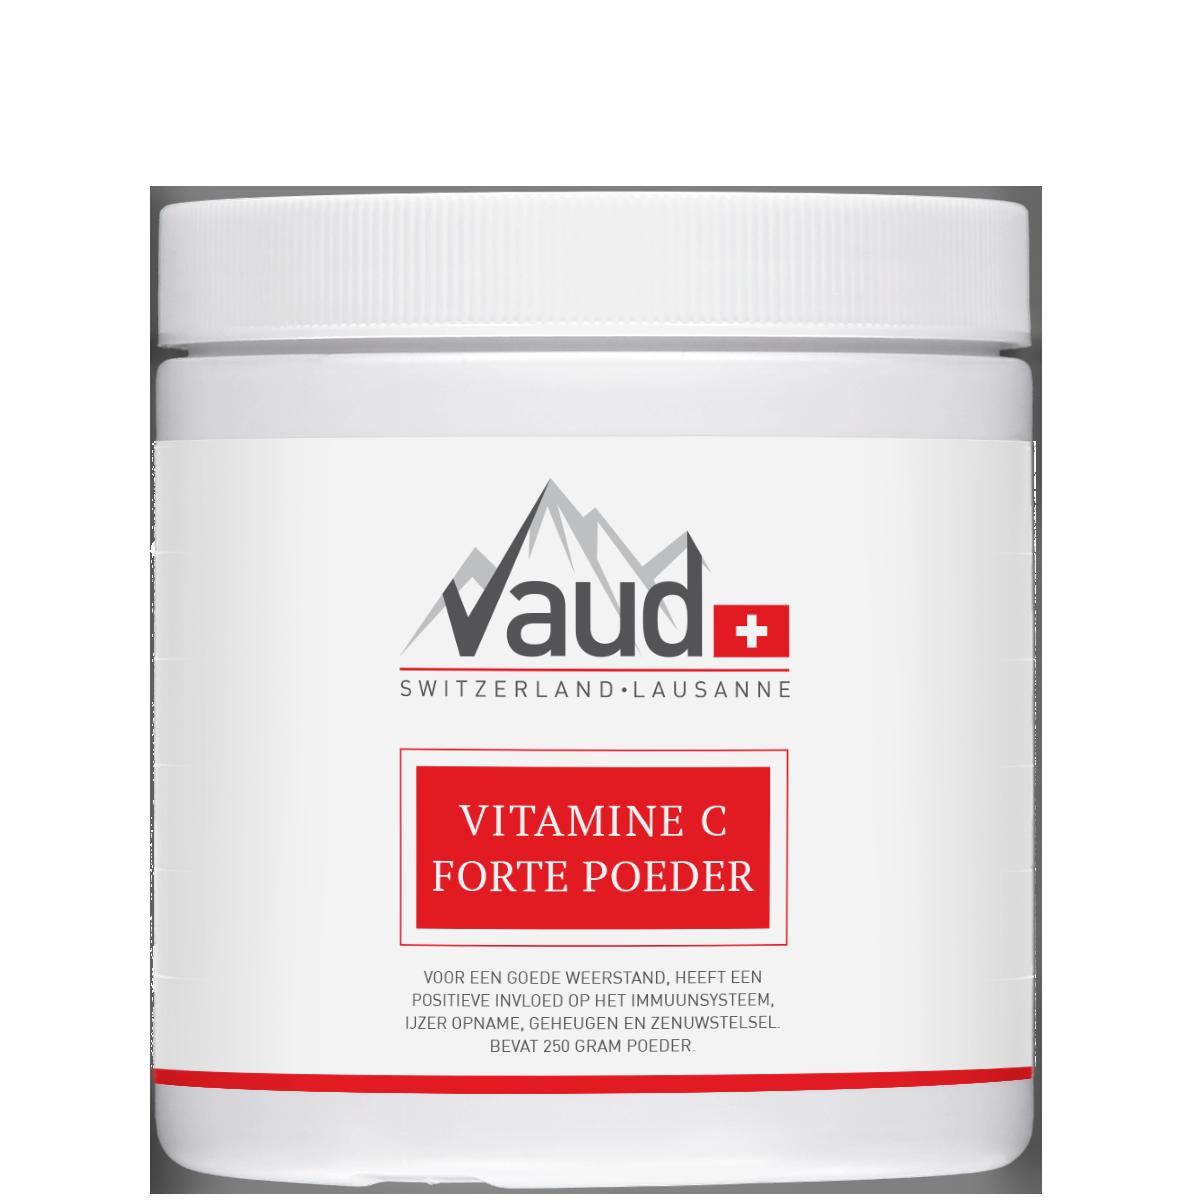 vitamine-c-forte-poeder-vaud